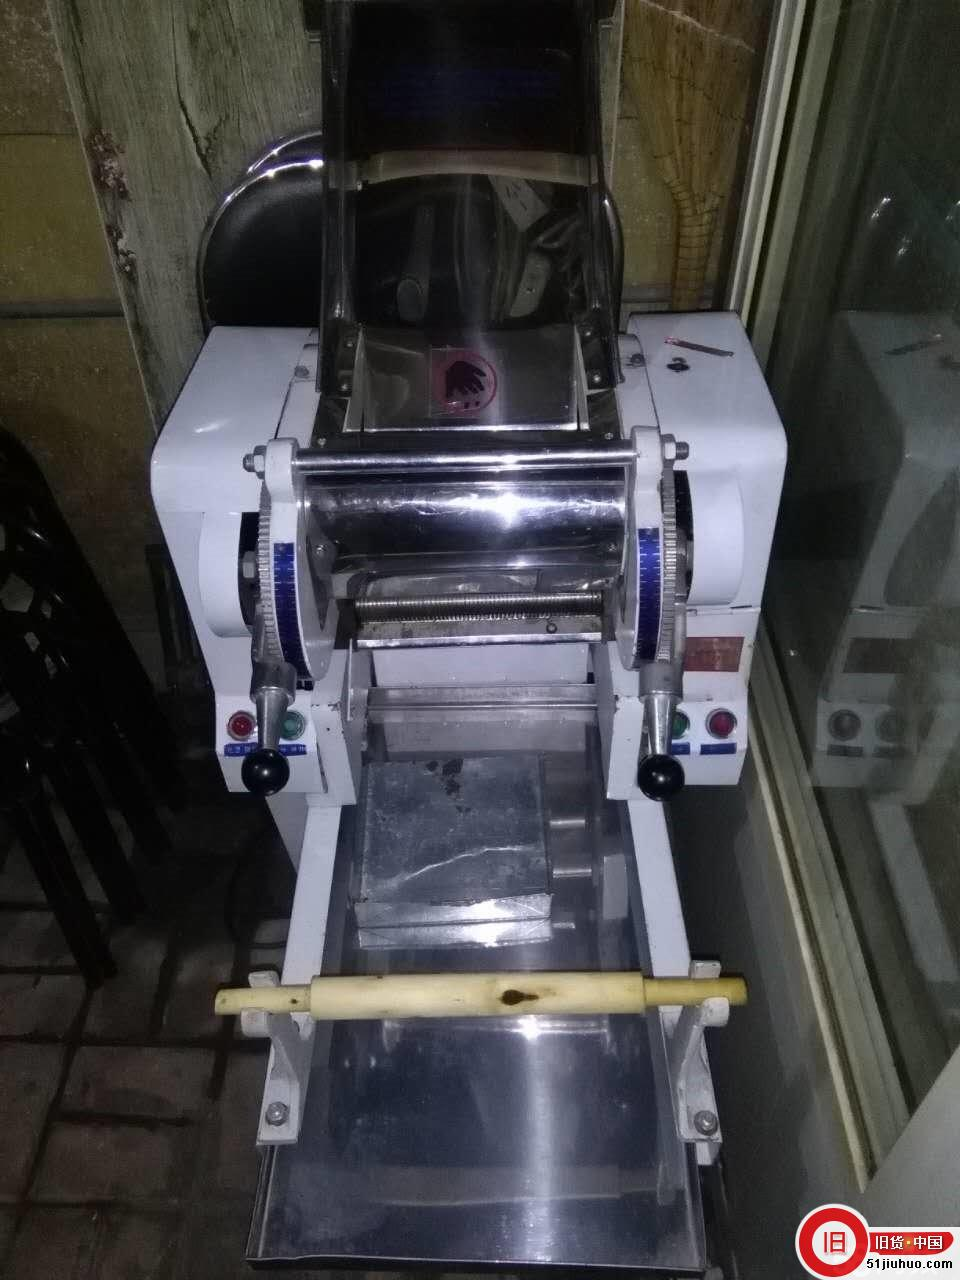 高质量全新压面机便宜出售